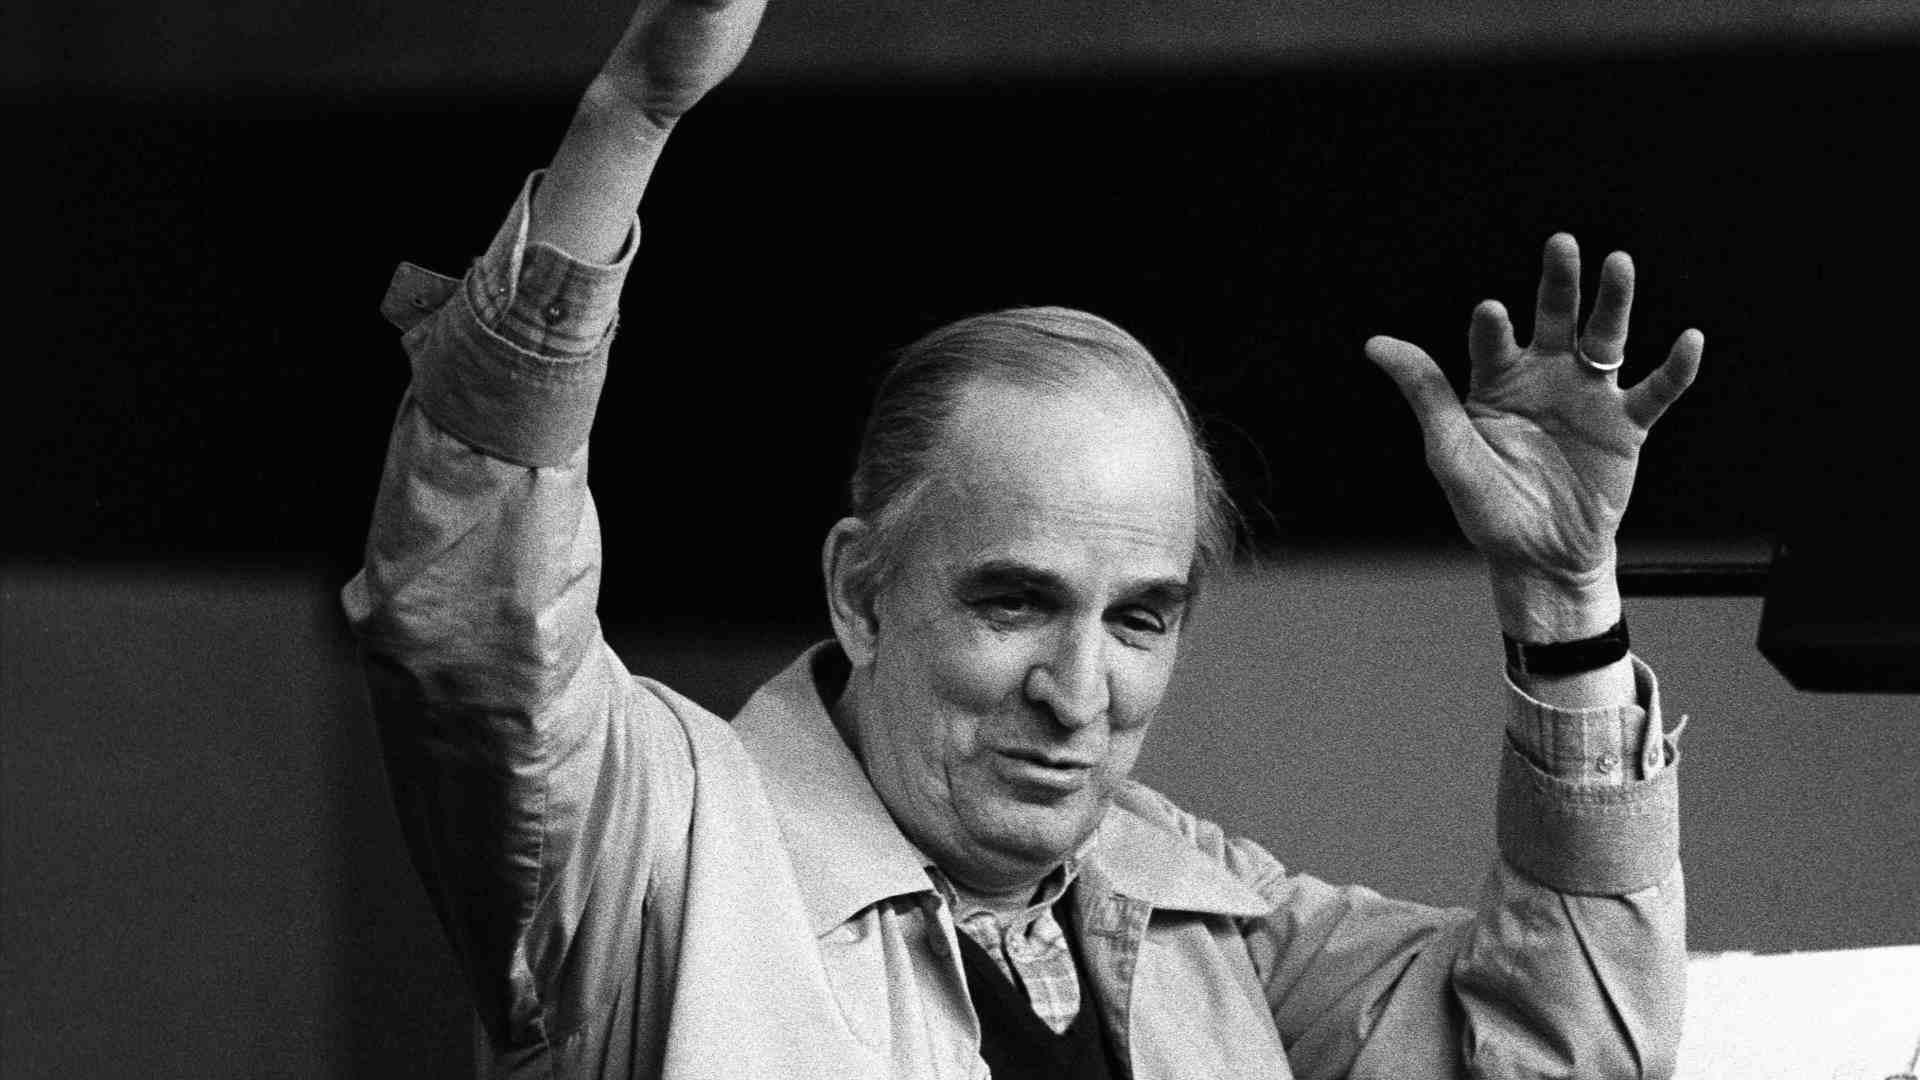 Cine Sesc Arcoverde homenageia centenário do cineasta Ingmar Bergman